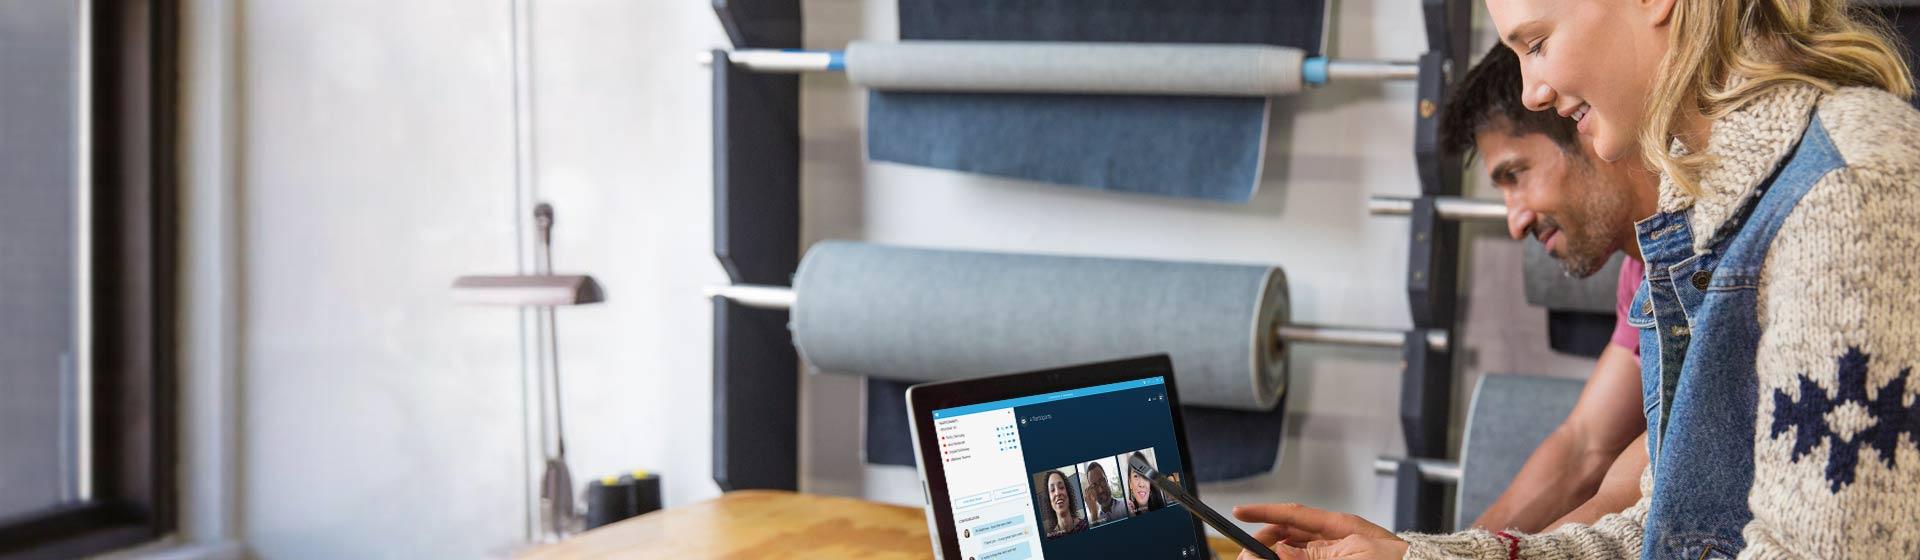 Una mujer y un hombre que usan las reuniones de Skype en una tableta y la mujer sujeta un teléfono